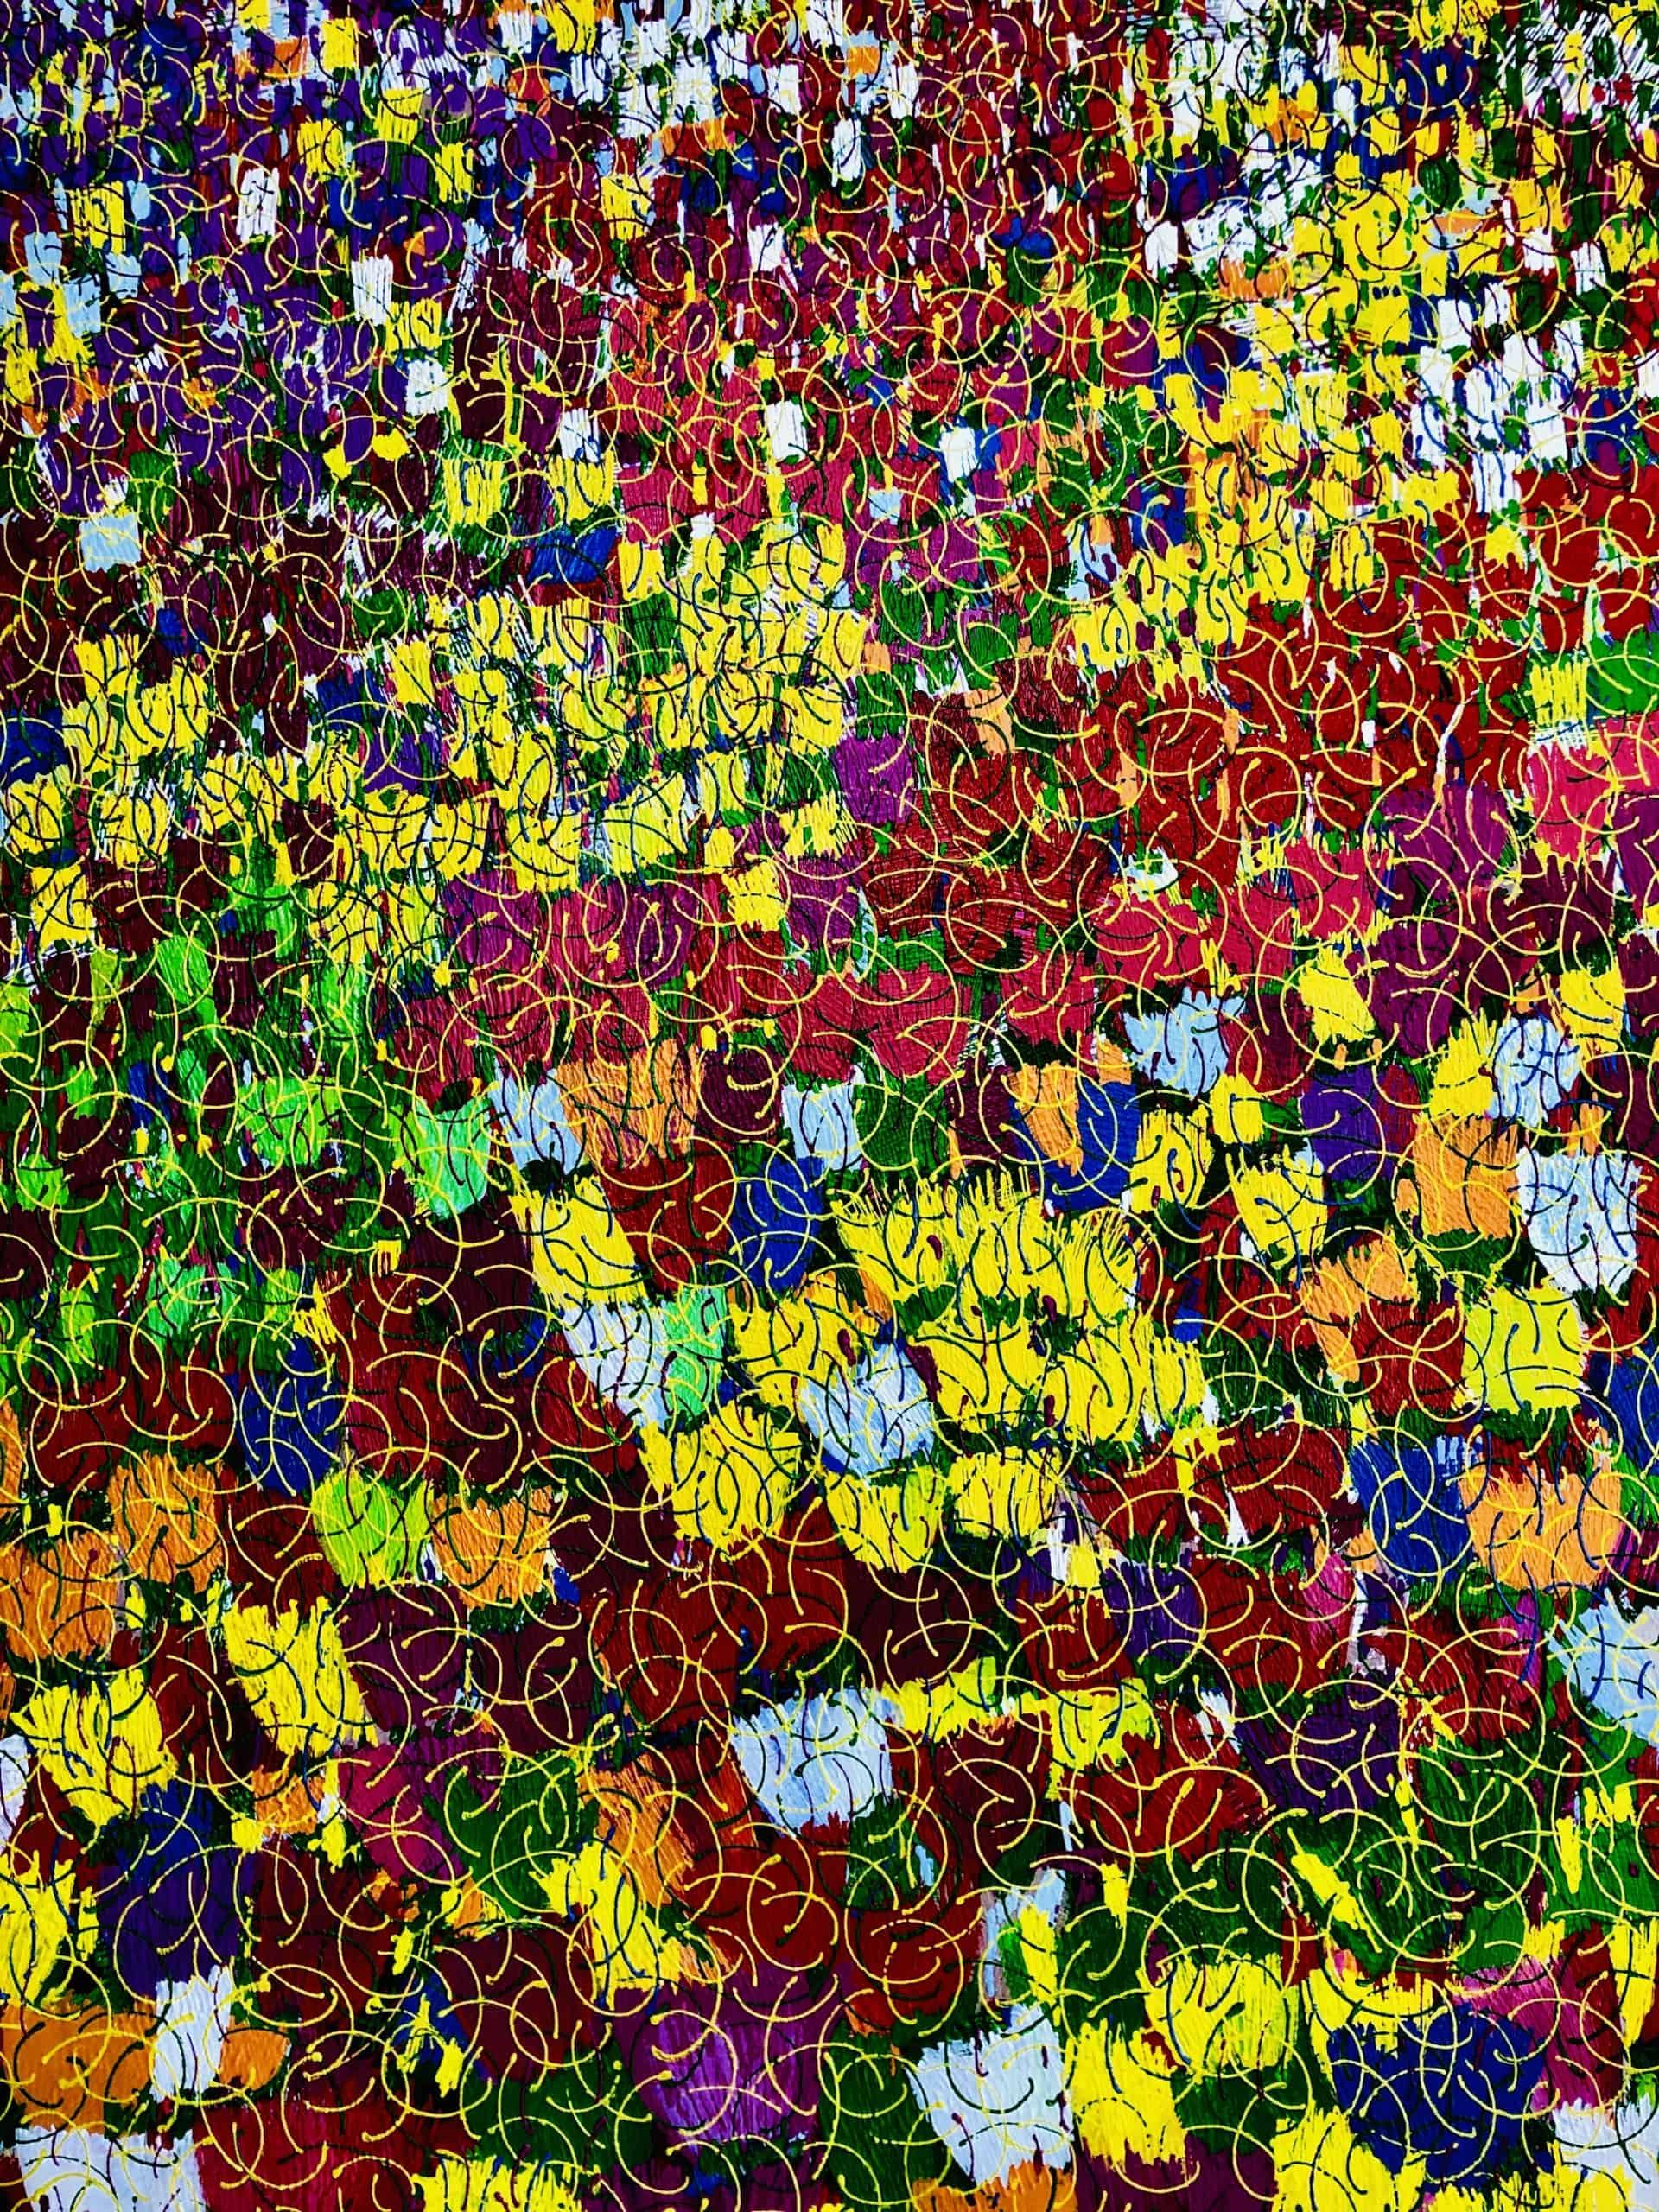 f7-Tulips2019#7-120x100_IMG_5911